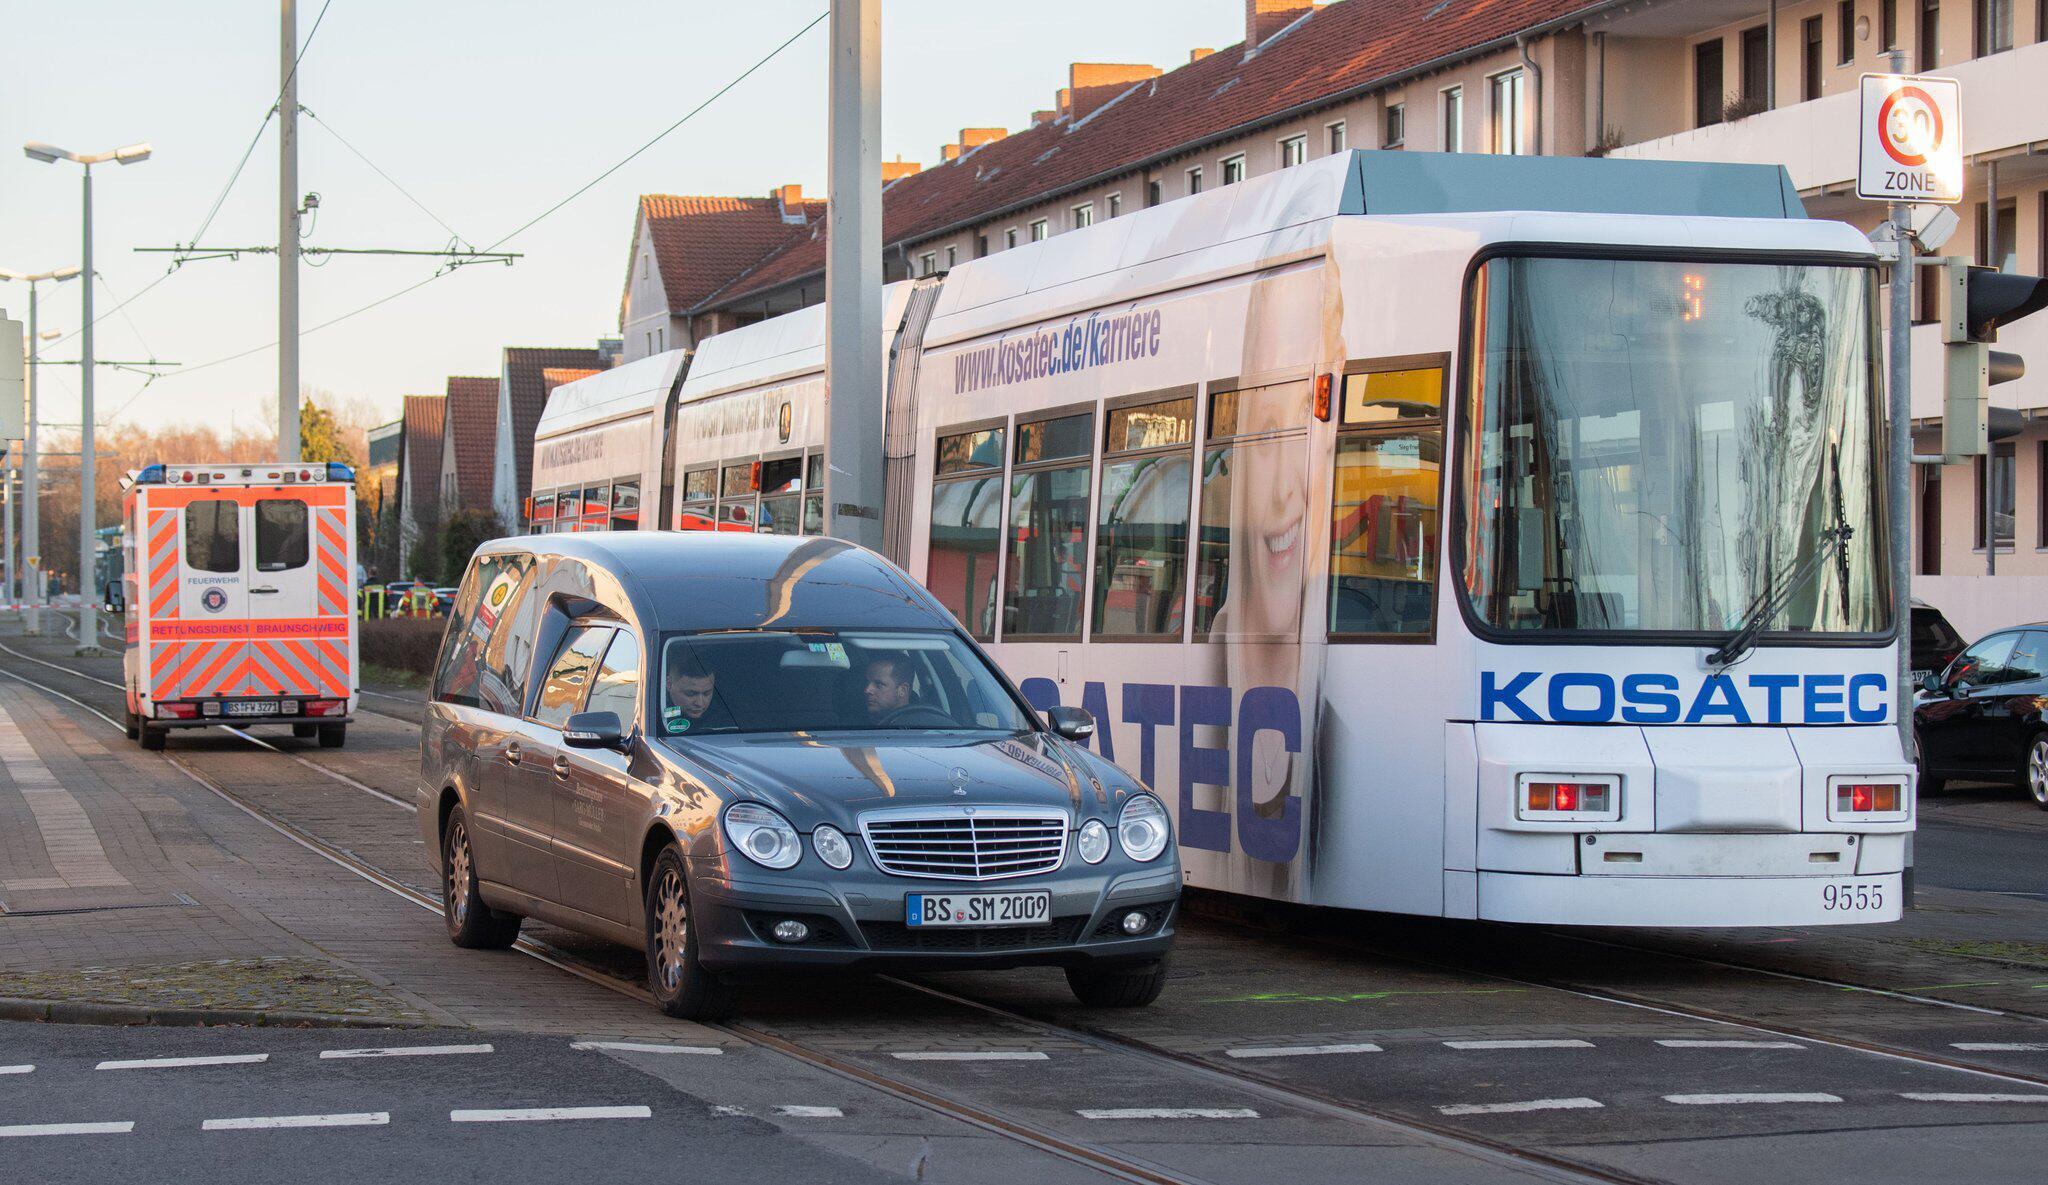 Bild zu Kind stirbt bei Unfall mit Straßenbahn